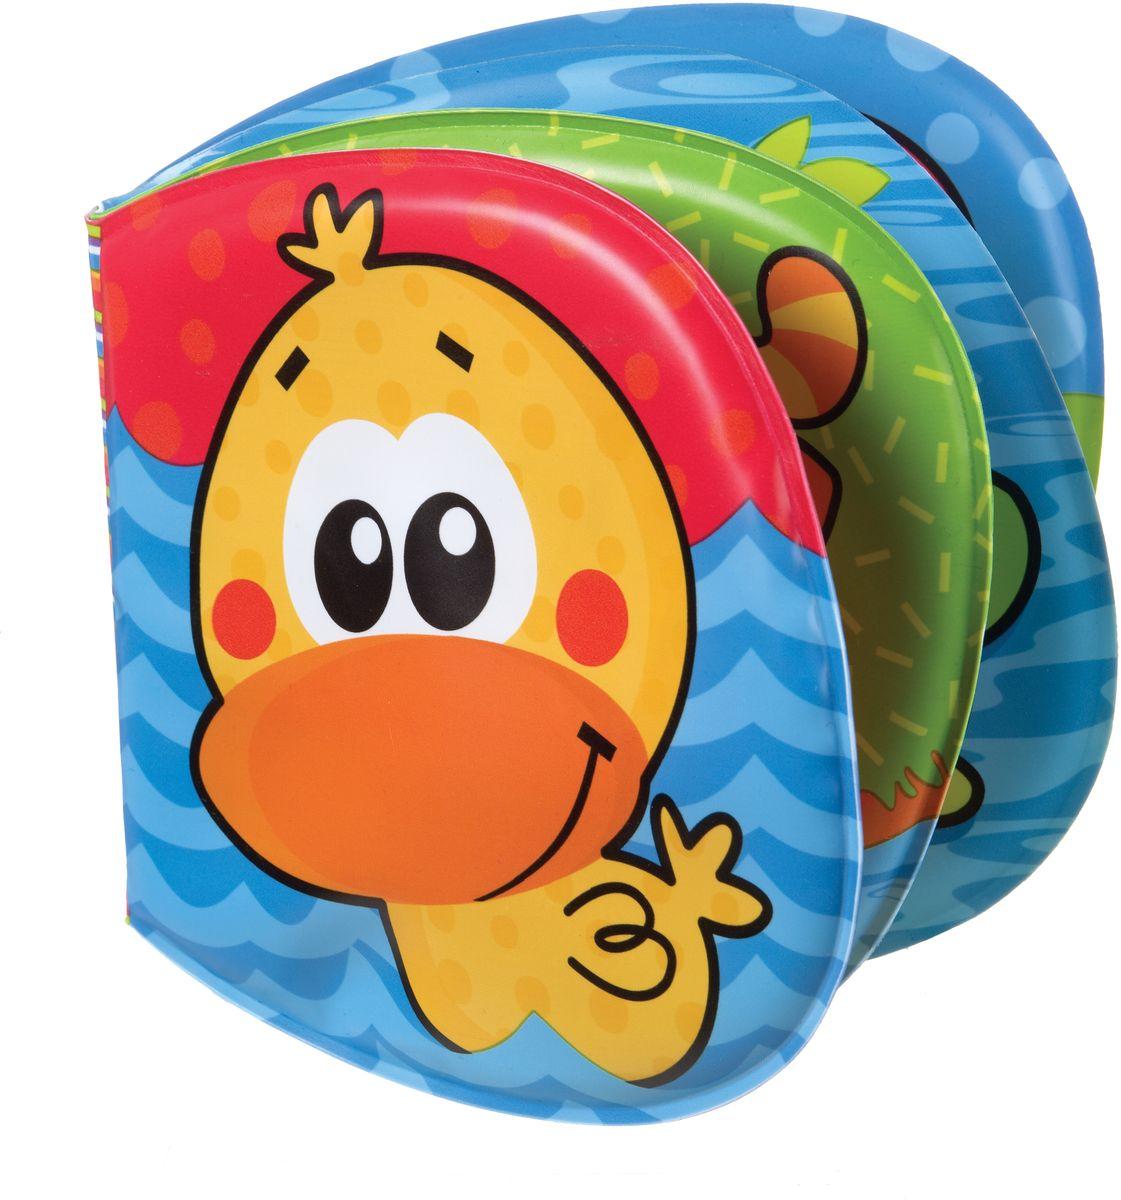 Playgro Игрушка для ванной Книжка-пищалка мягкие игрушки playgro playgro игрушка пищалка лев